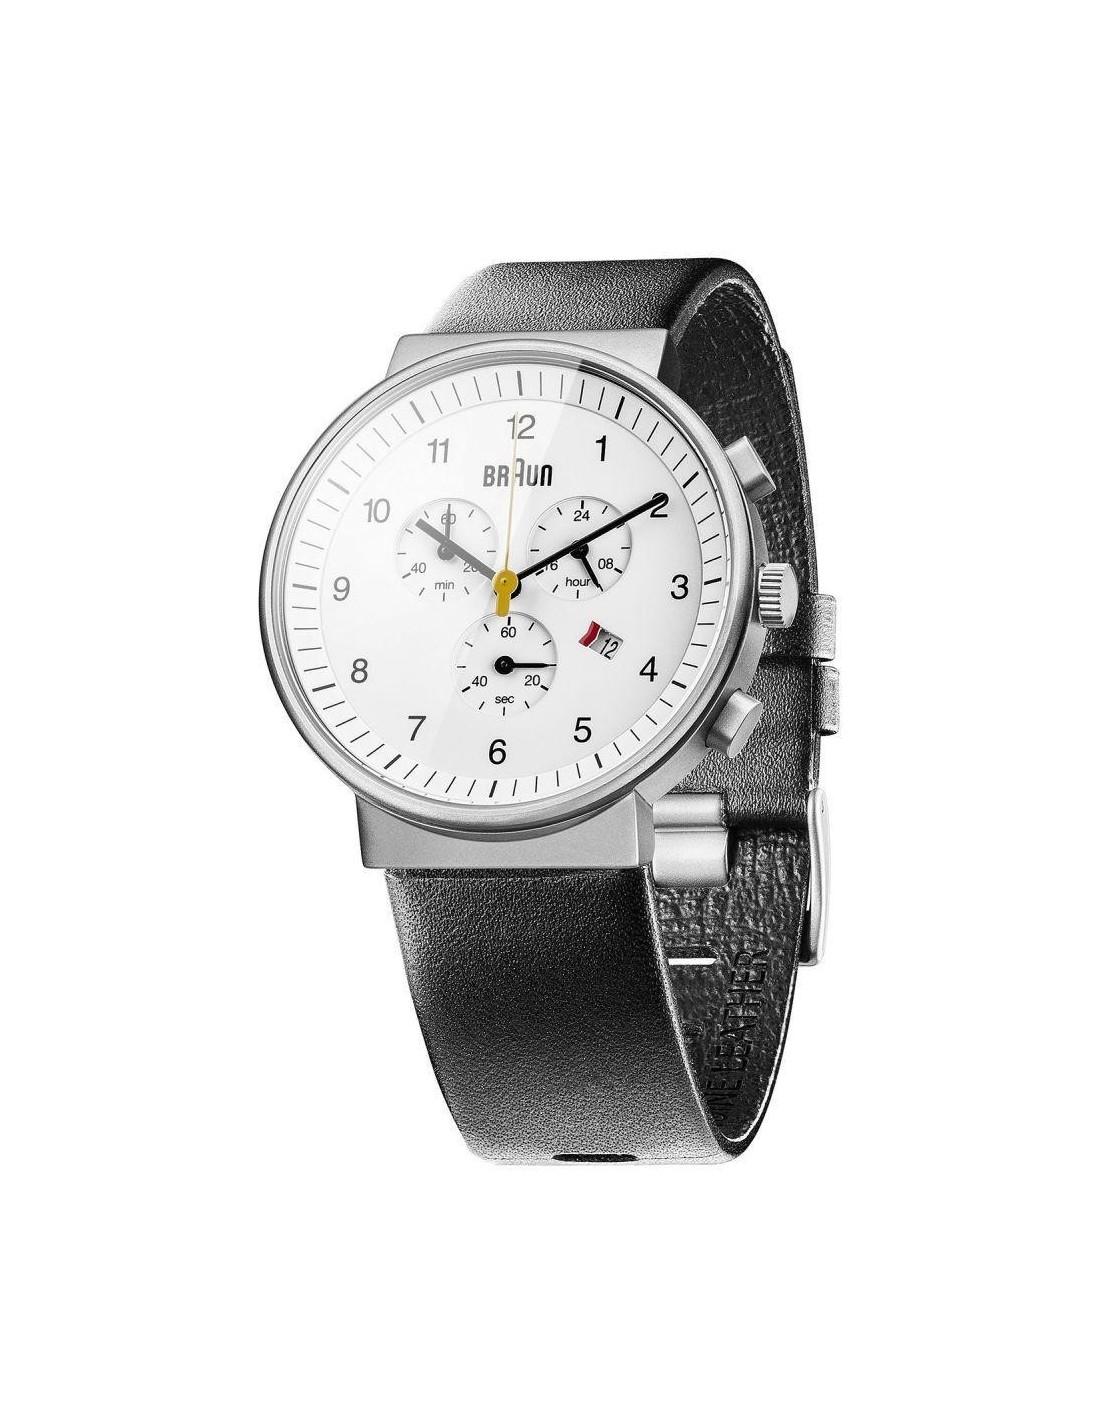 Orologio cronografo da polso braun bn0035 coltelleria for Immagini orologi da polso